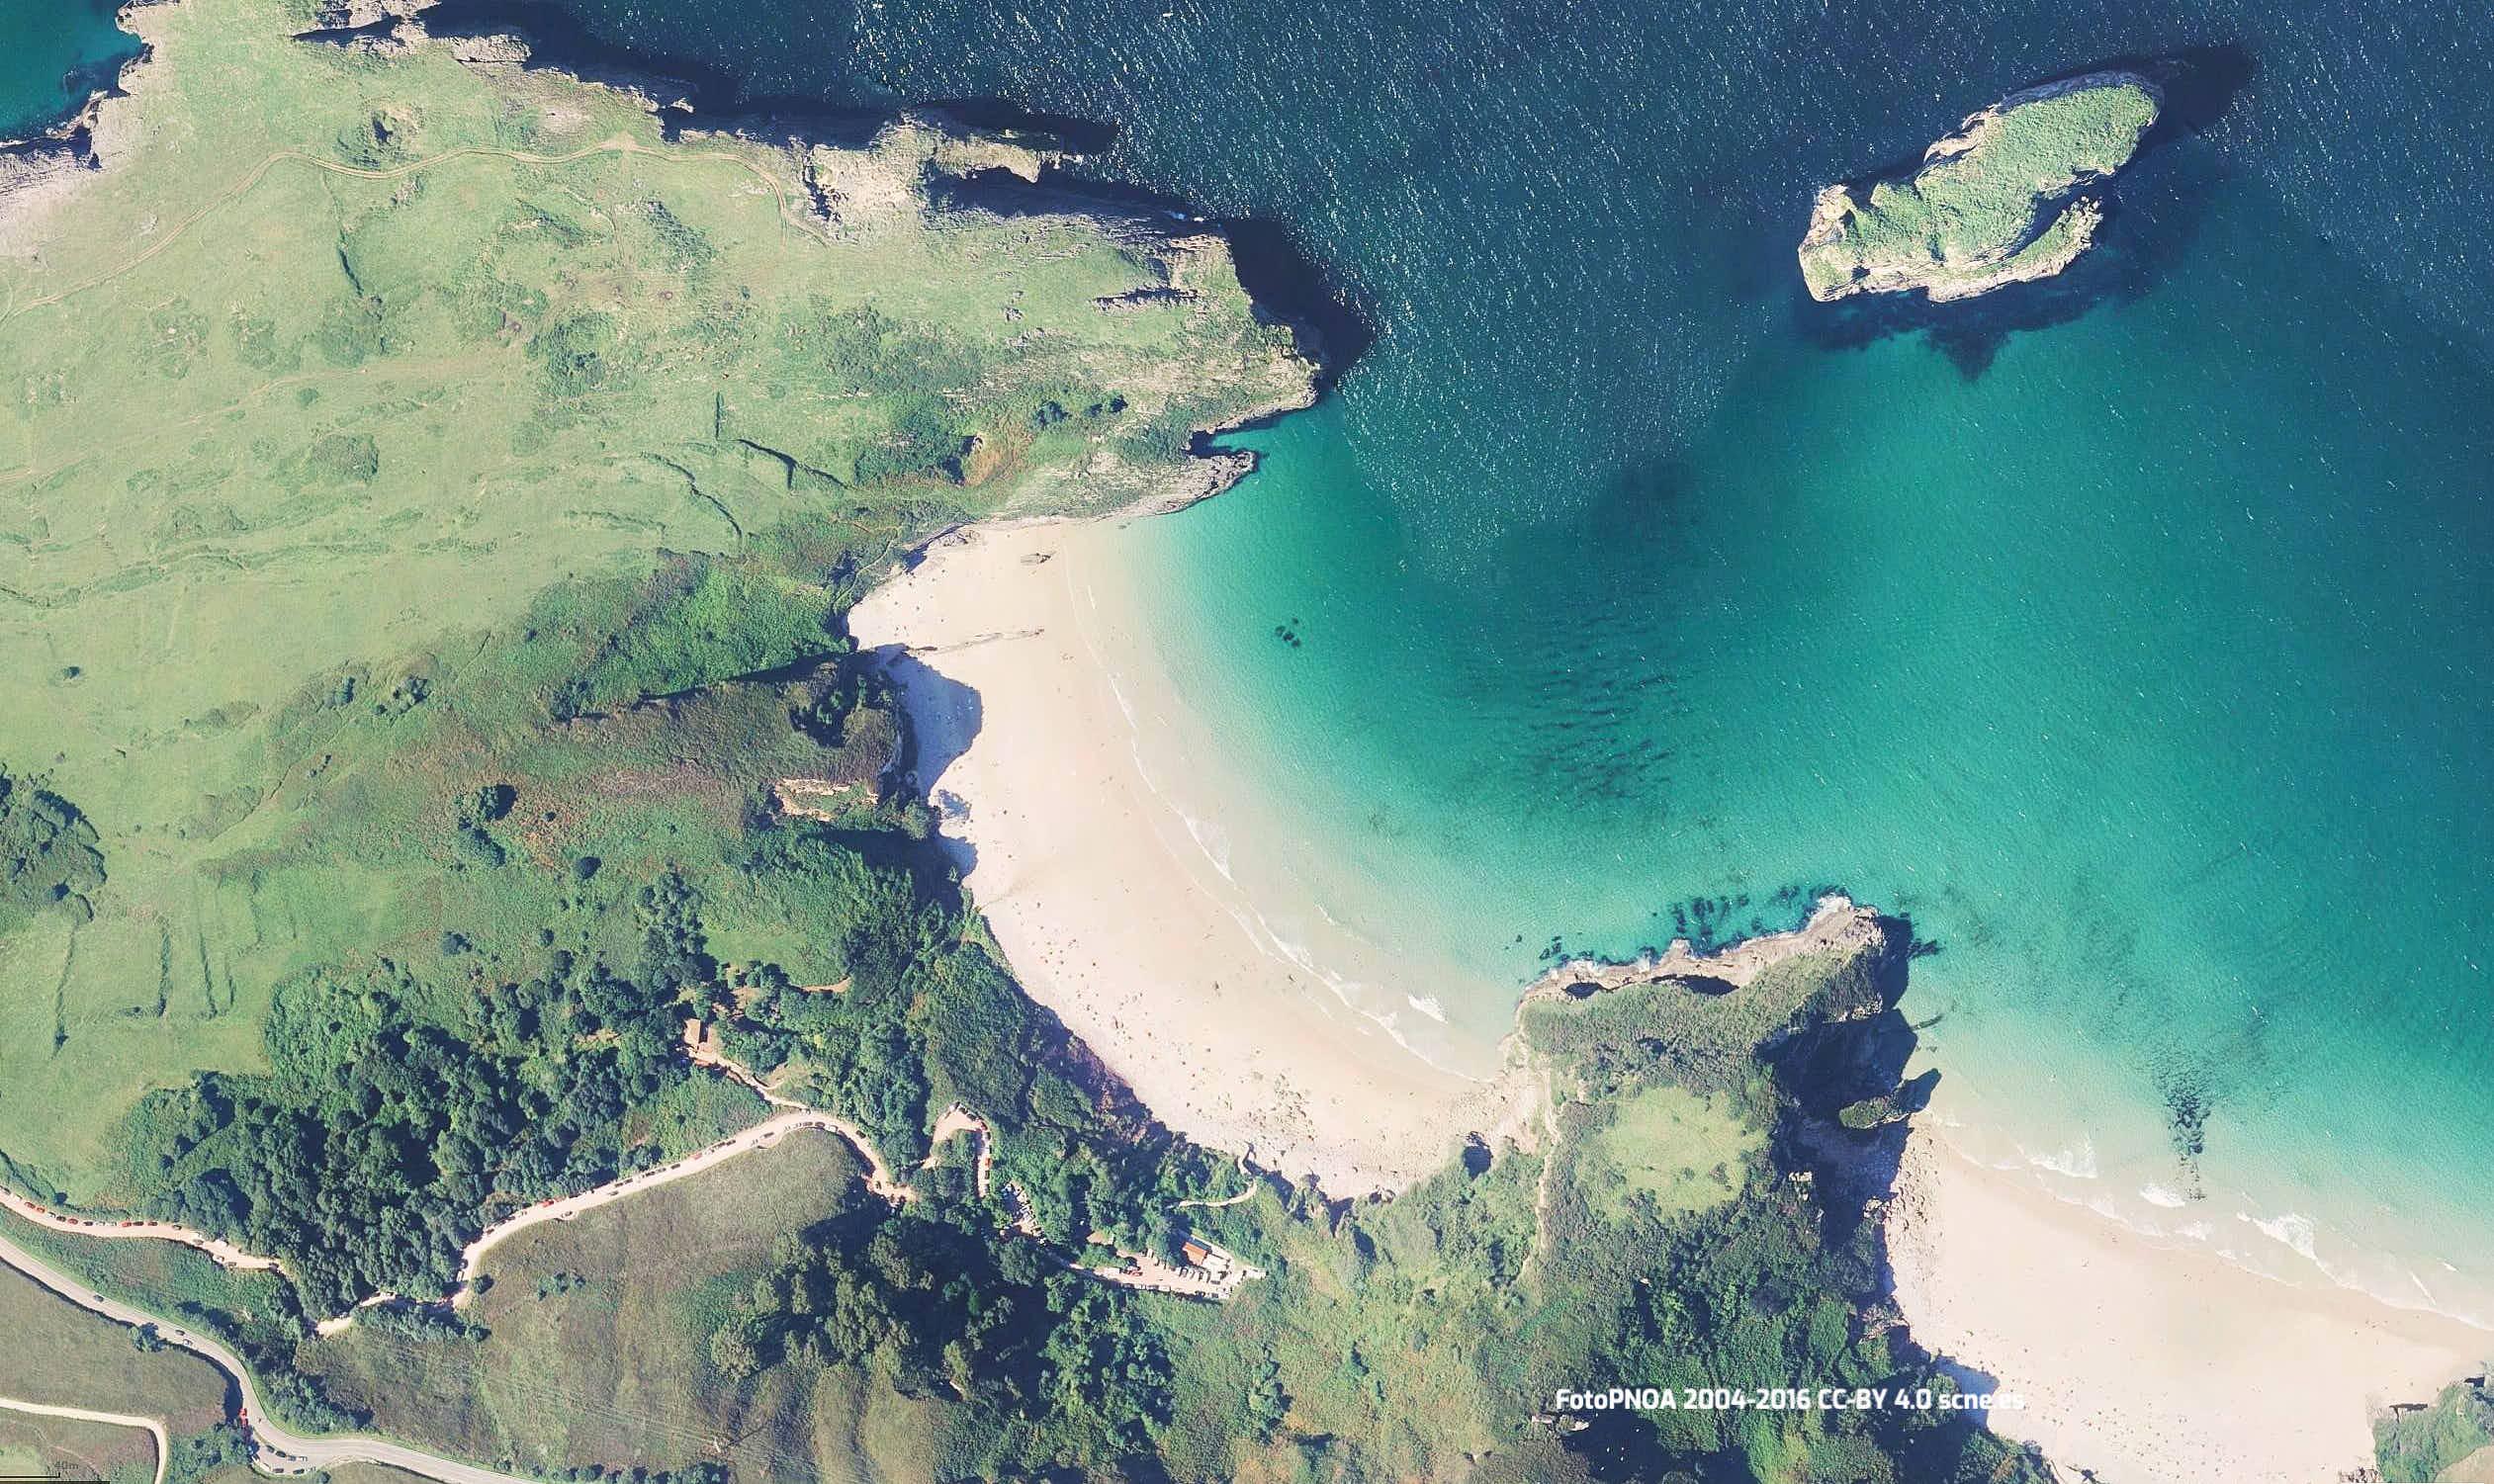 Vista aerea de la playa de Ballota en Llanes, Asturias